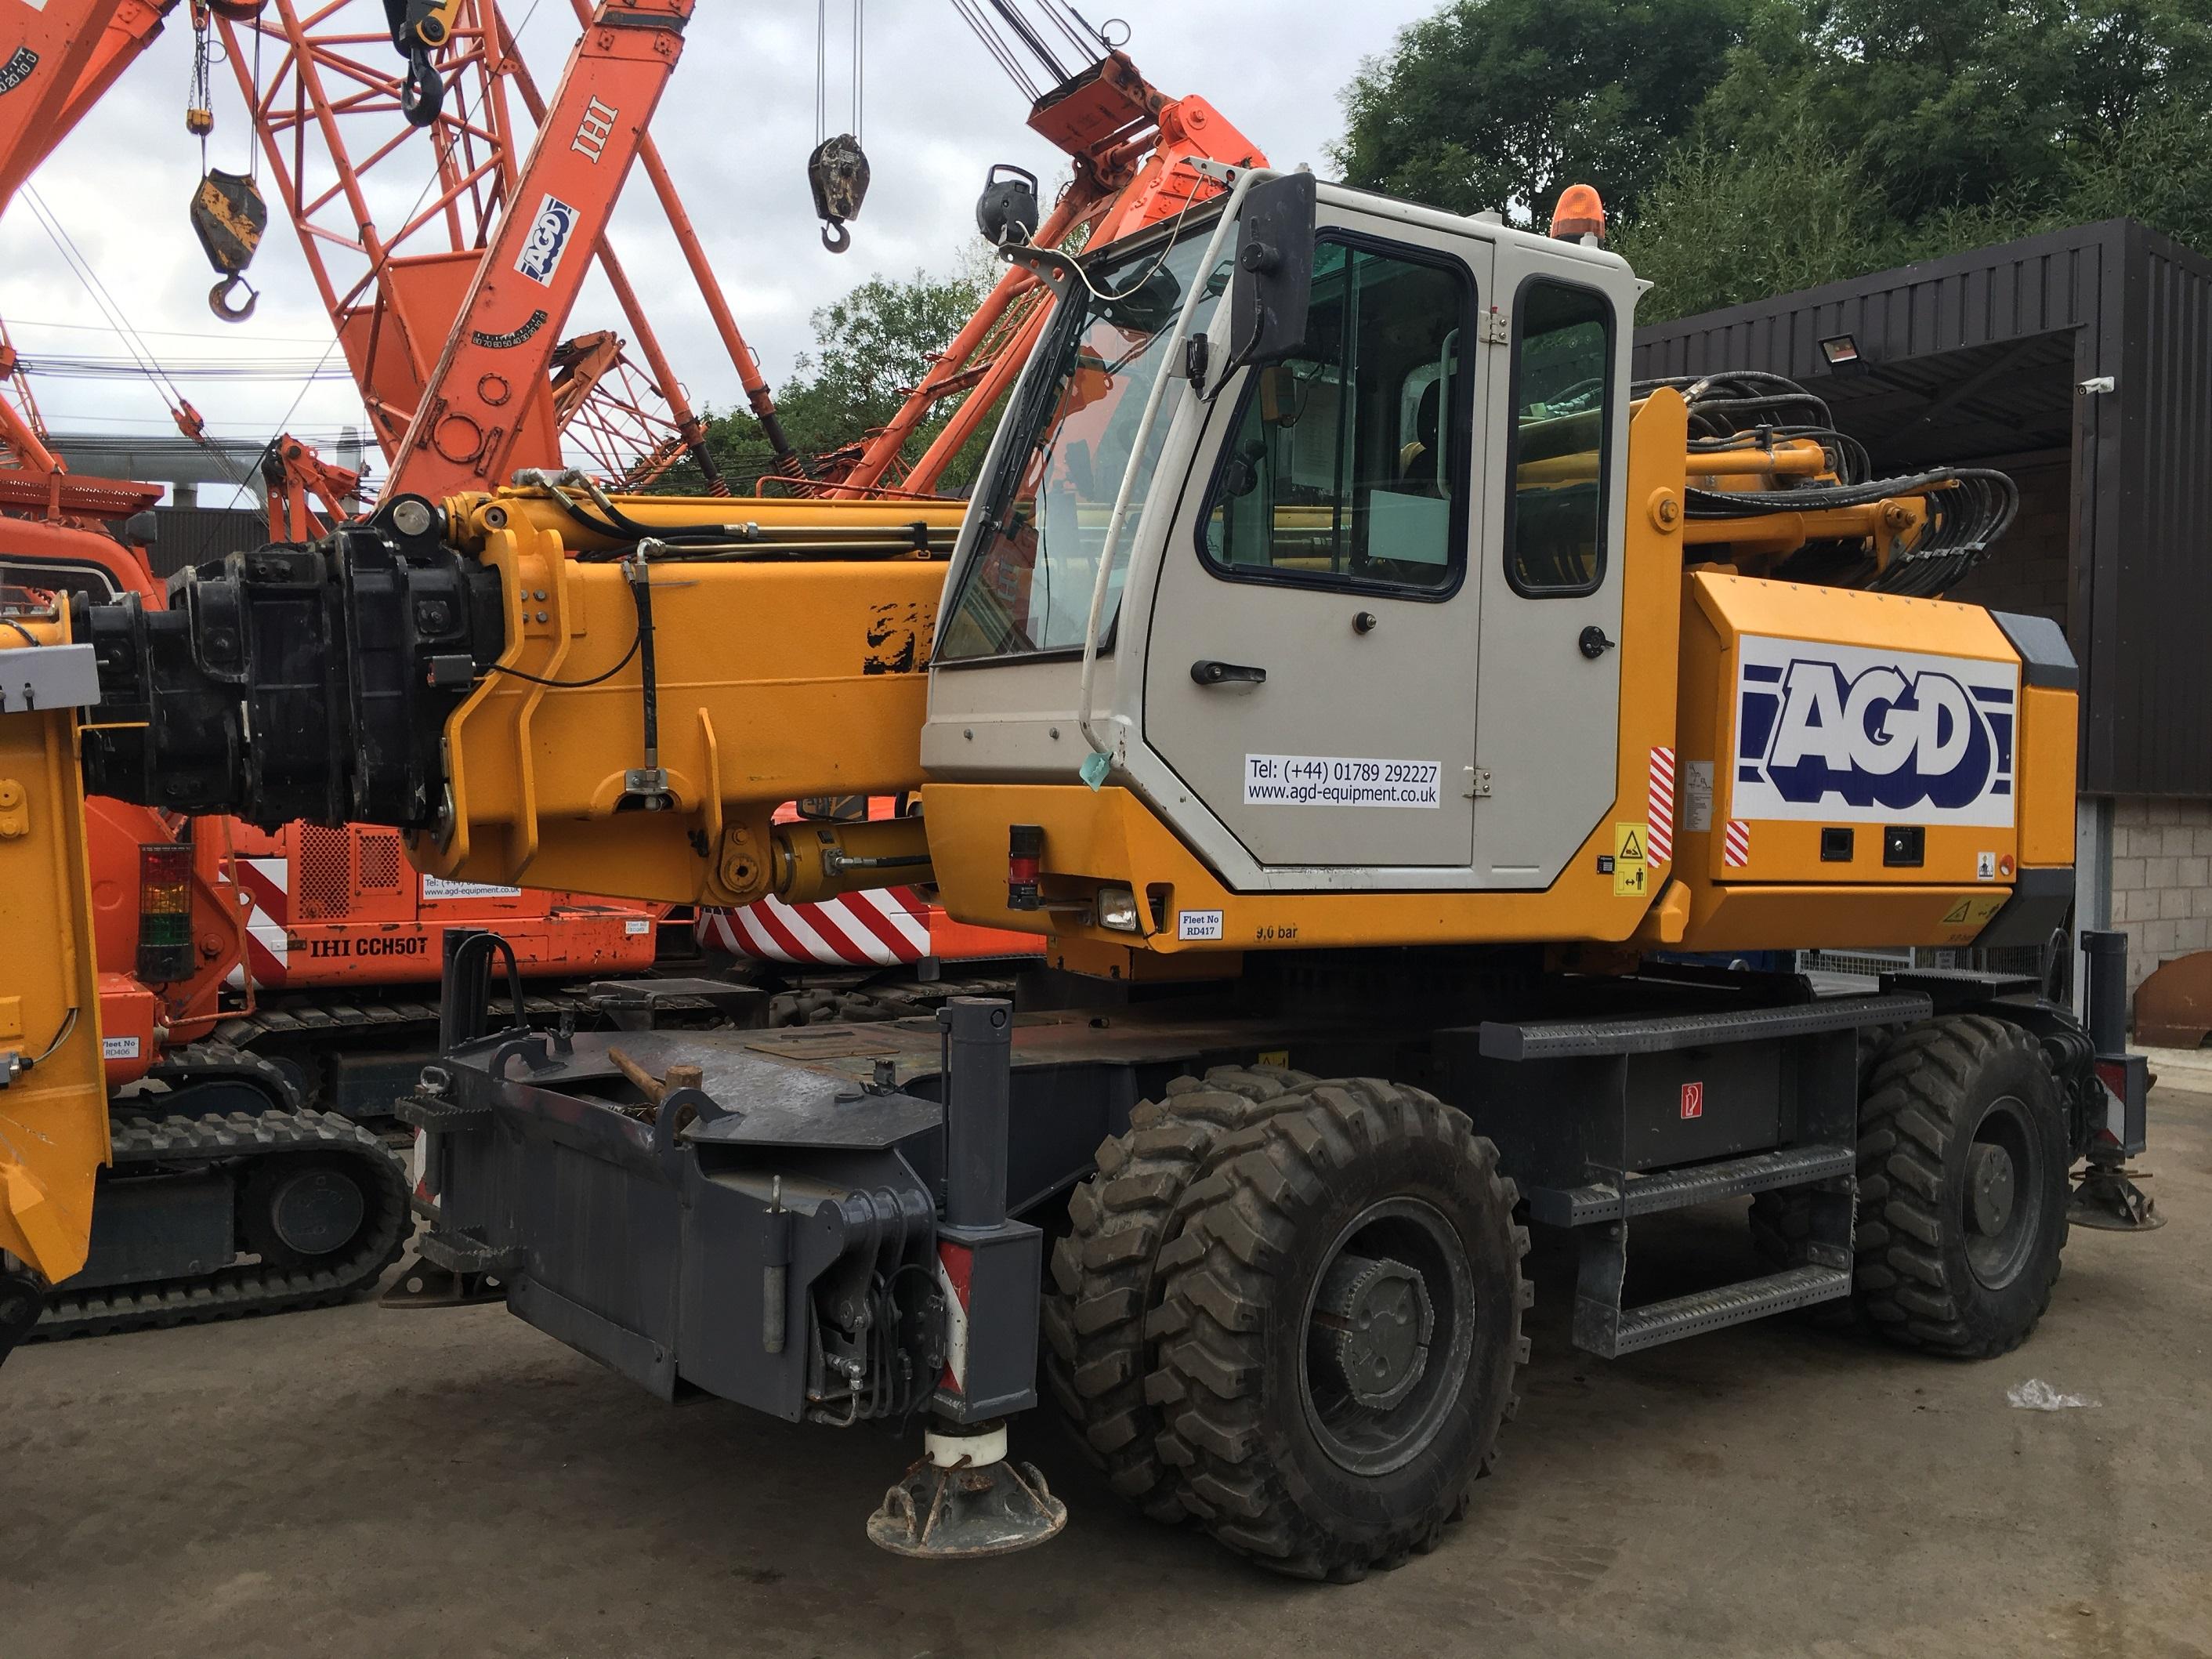 Used Sennebogen 608M multi crane for sale